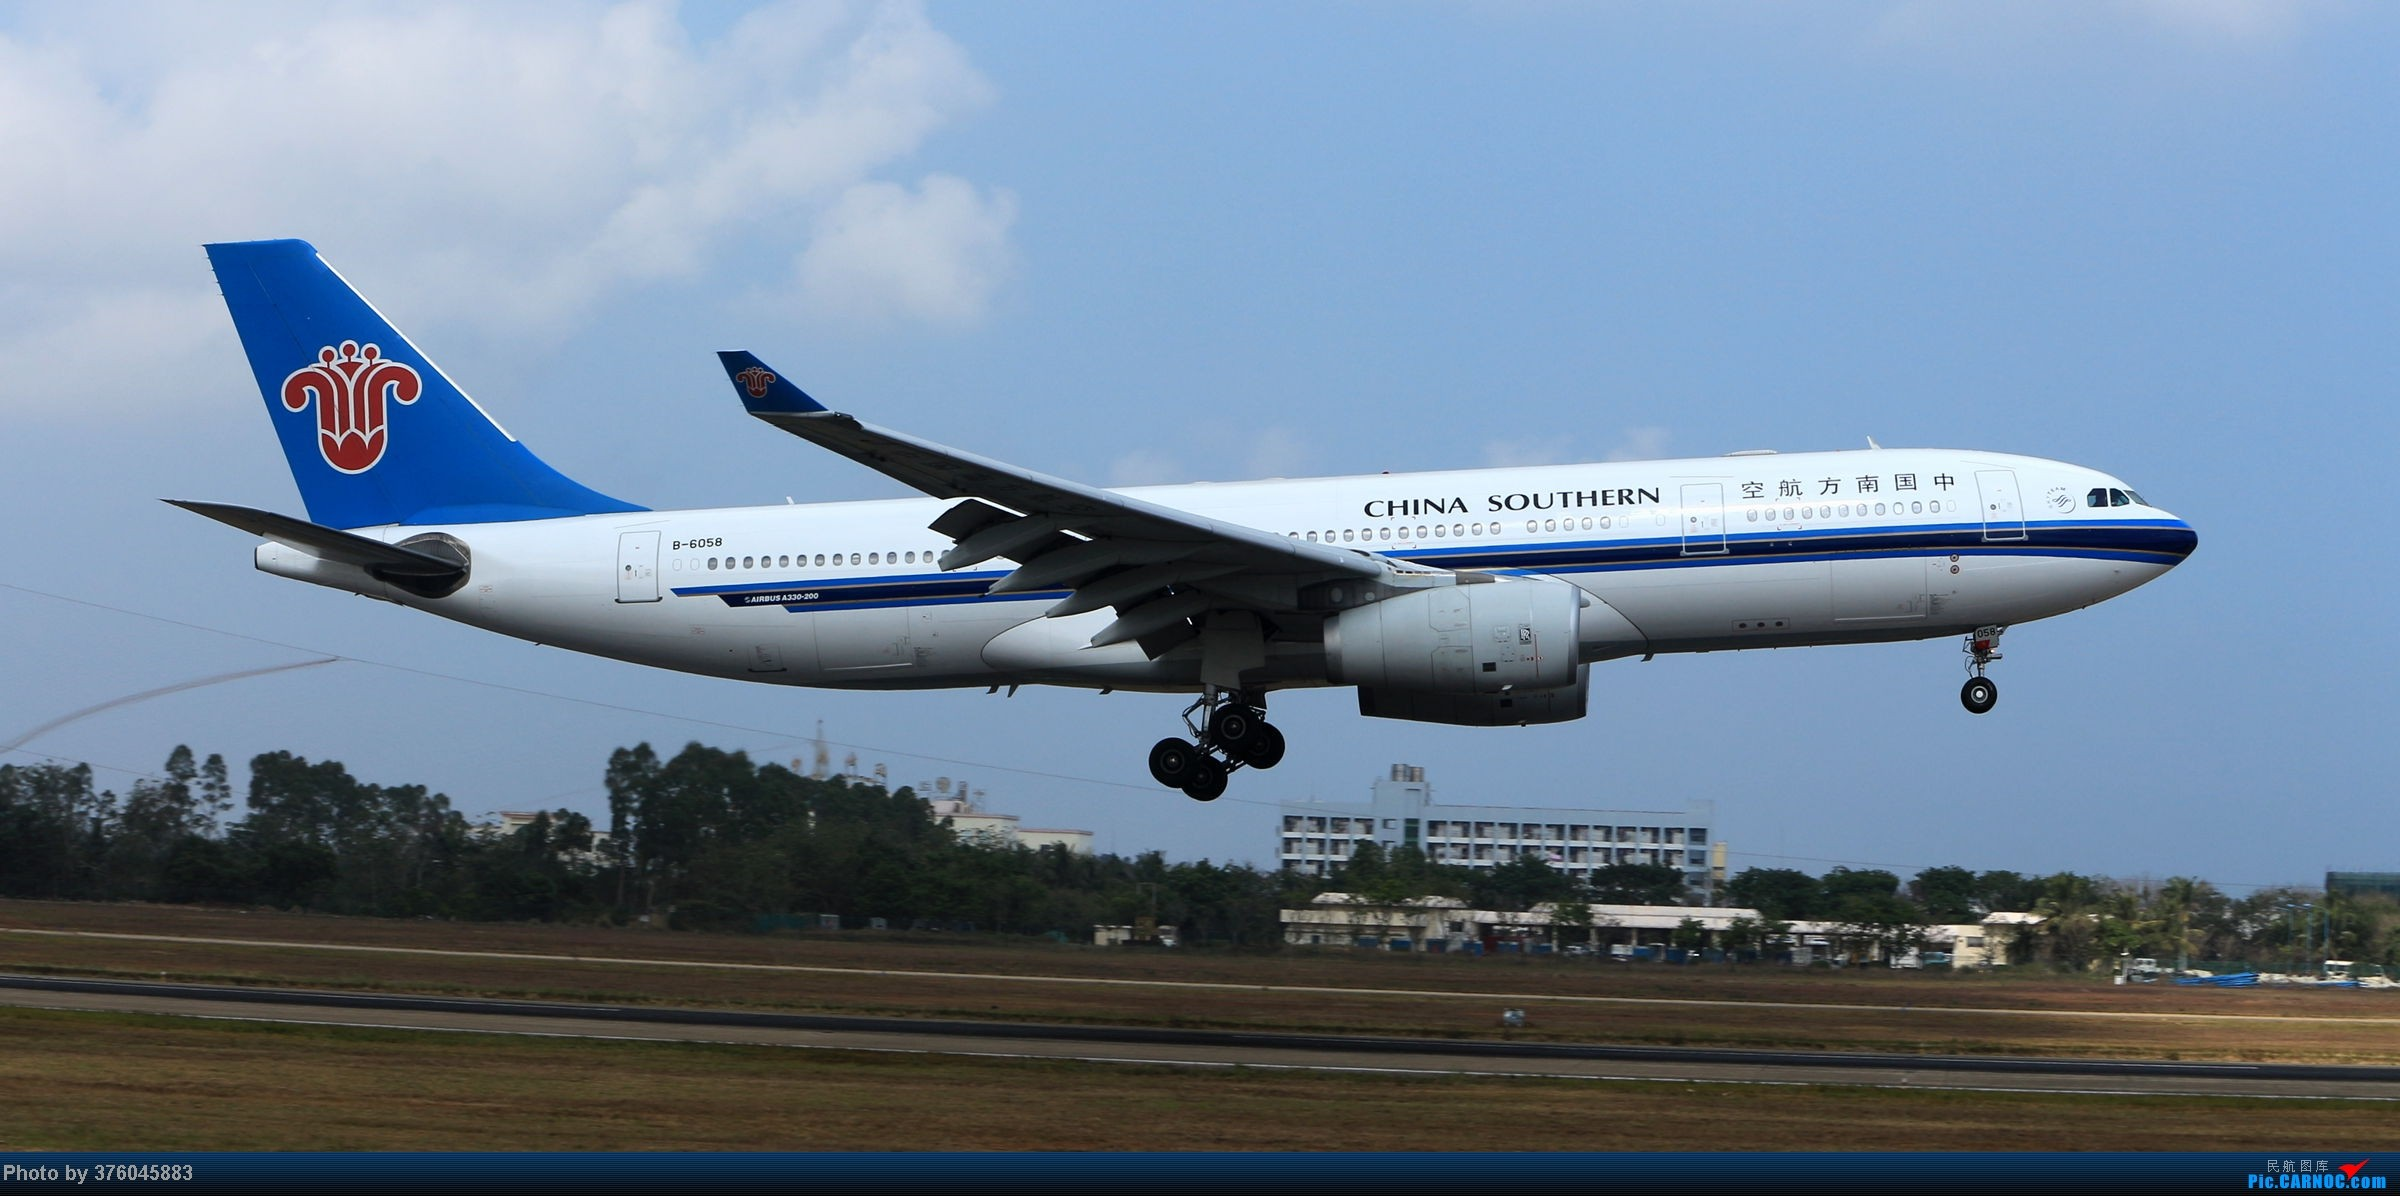 Re:[原创]【海南飞友会】飞友聚会拍机美图放送~ AIRBUS A330-200 B-6058